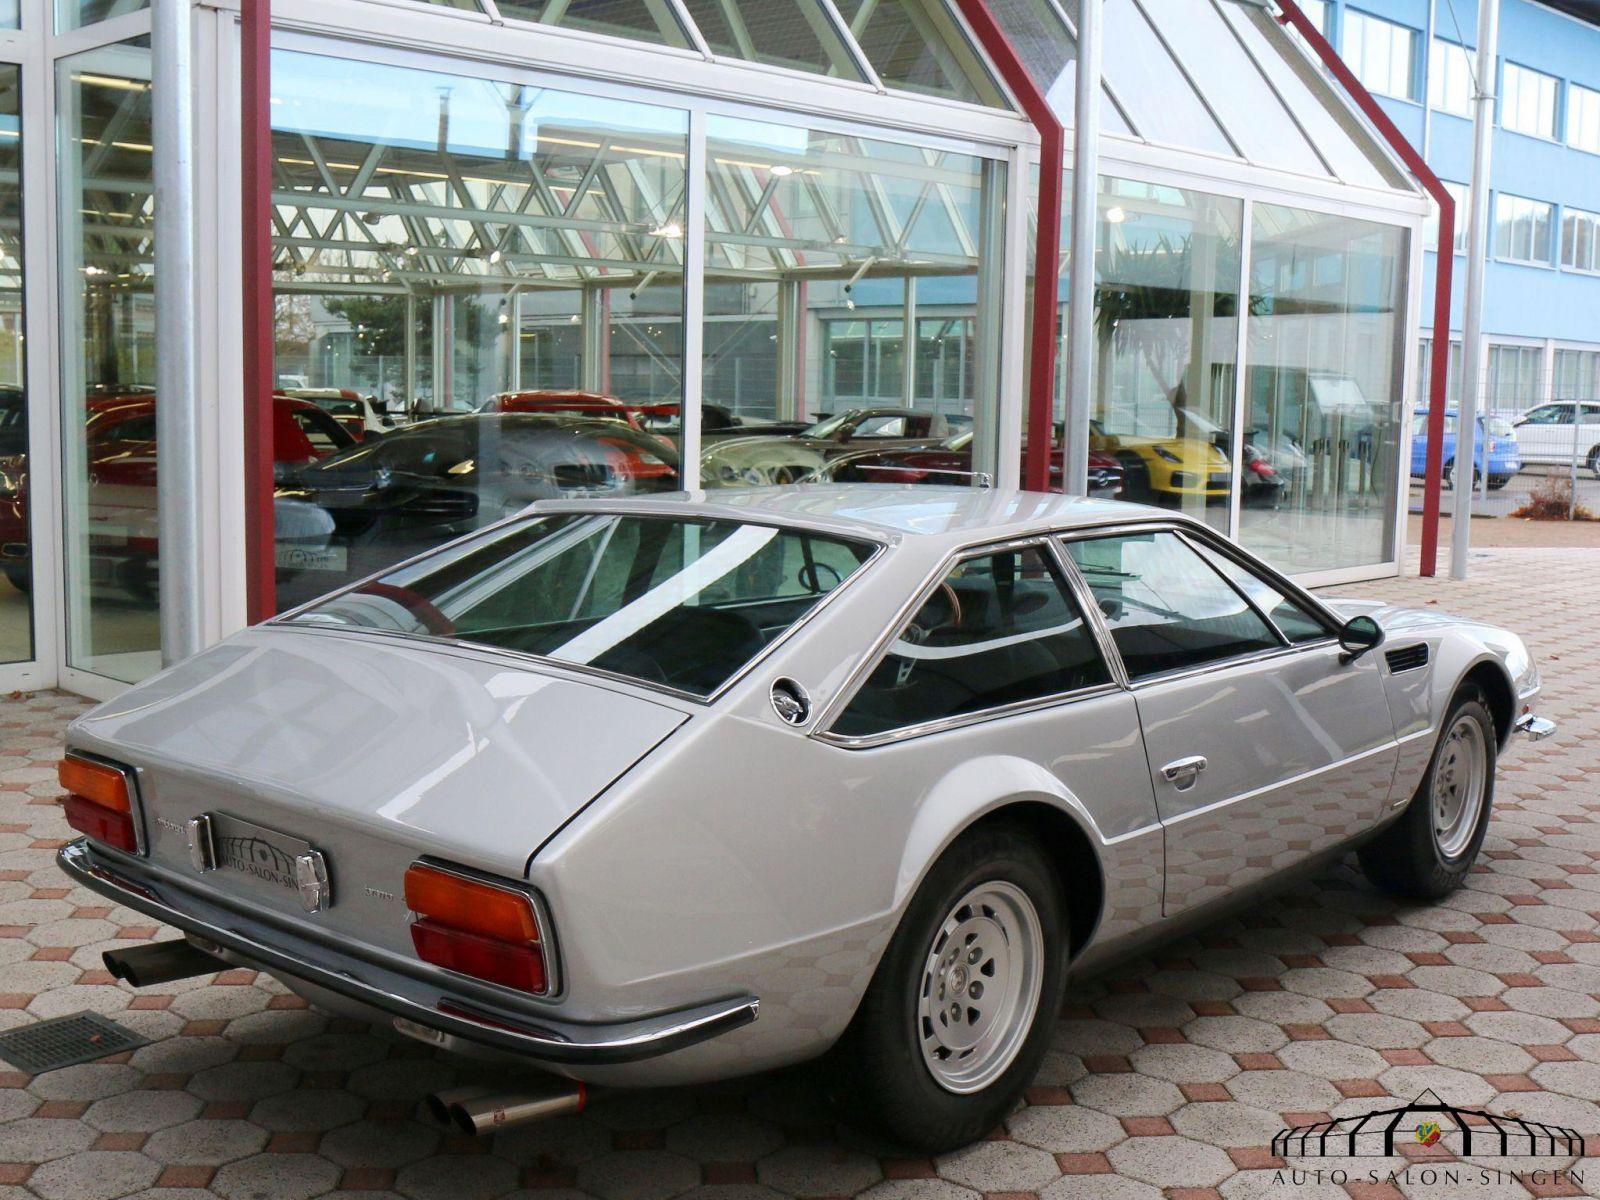 Lamborghini Jarama S Coupe Auto Salon Singen